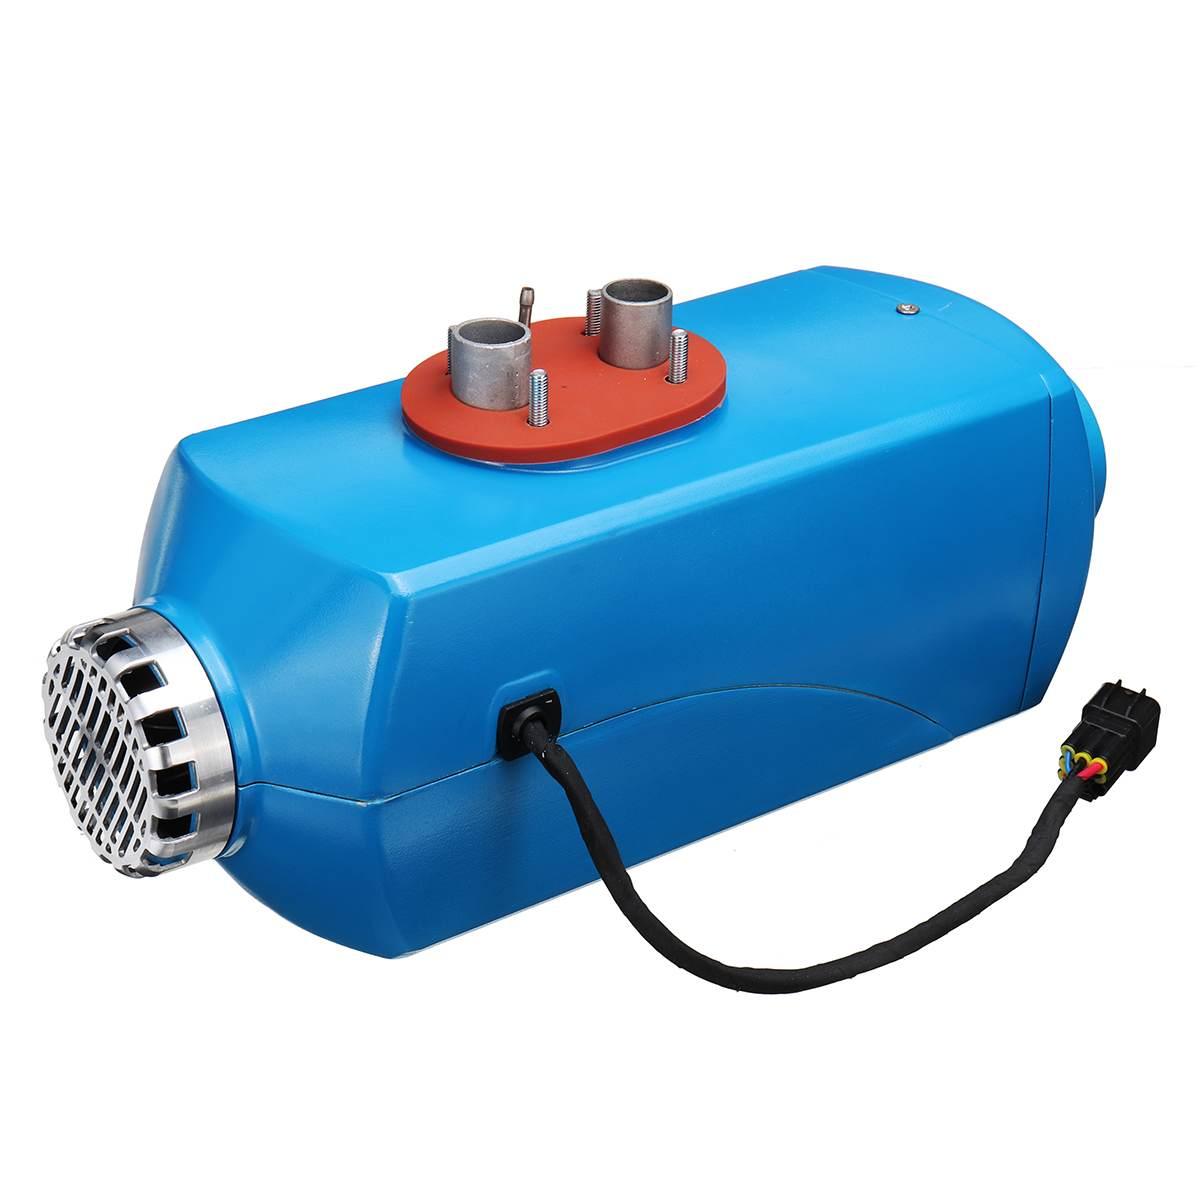 Автомобиль дизелей нагреватель ЖК дисплей монитор дистанционного Управление автомобиля воздушный обогреватель автоматический нагревате